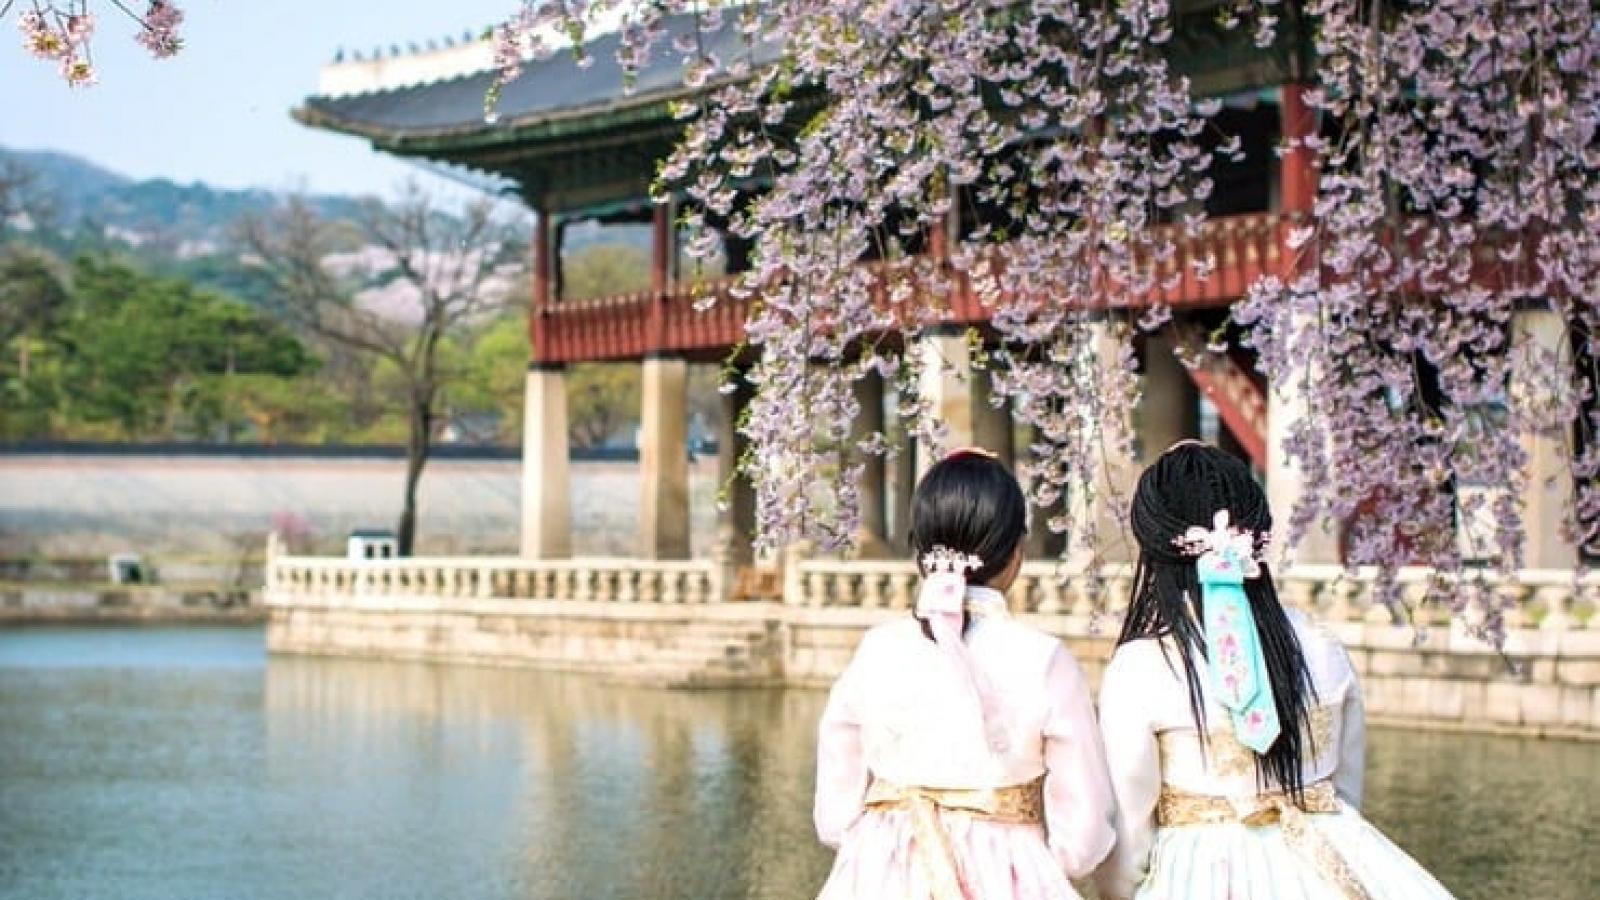 Khách nước ngoài đến Hàn Quốc thấp kỷ lục trong vòng 32 năm qua